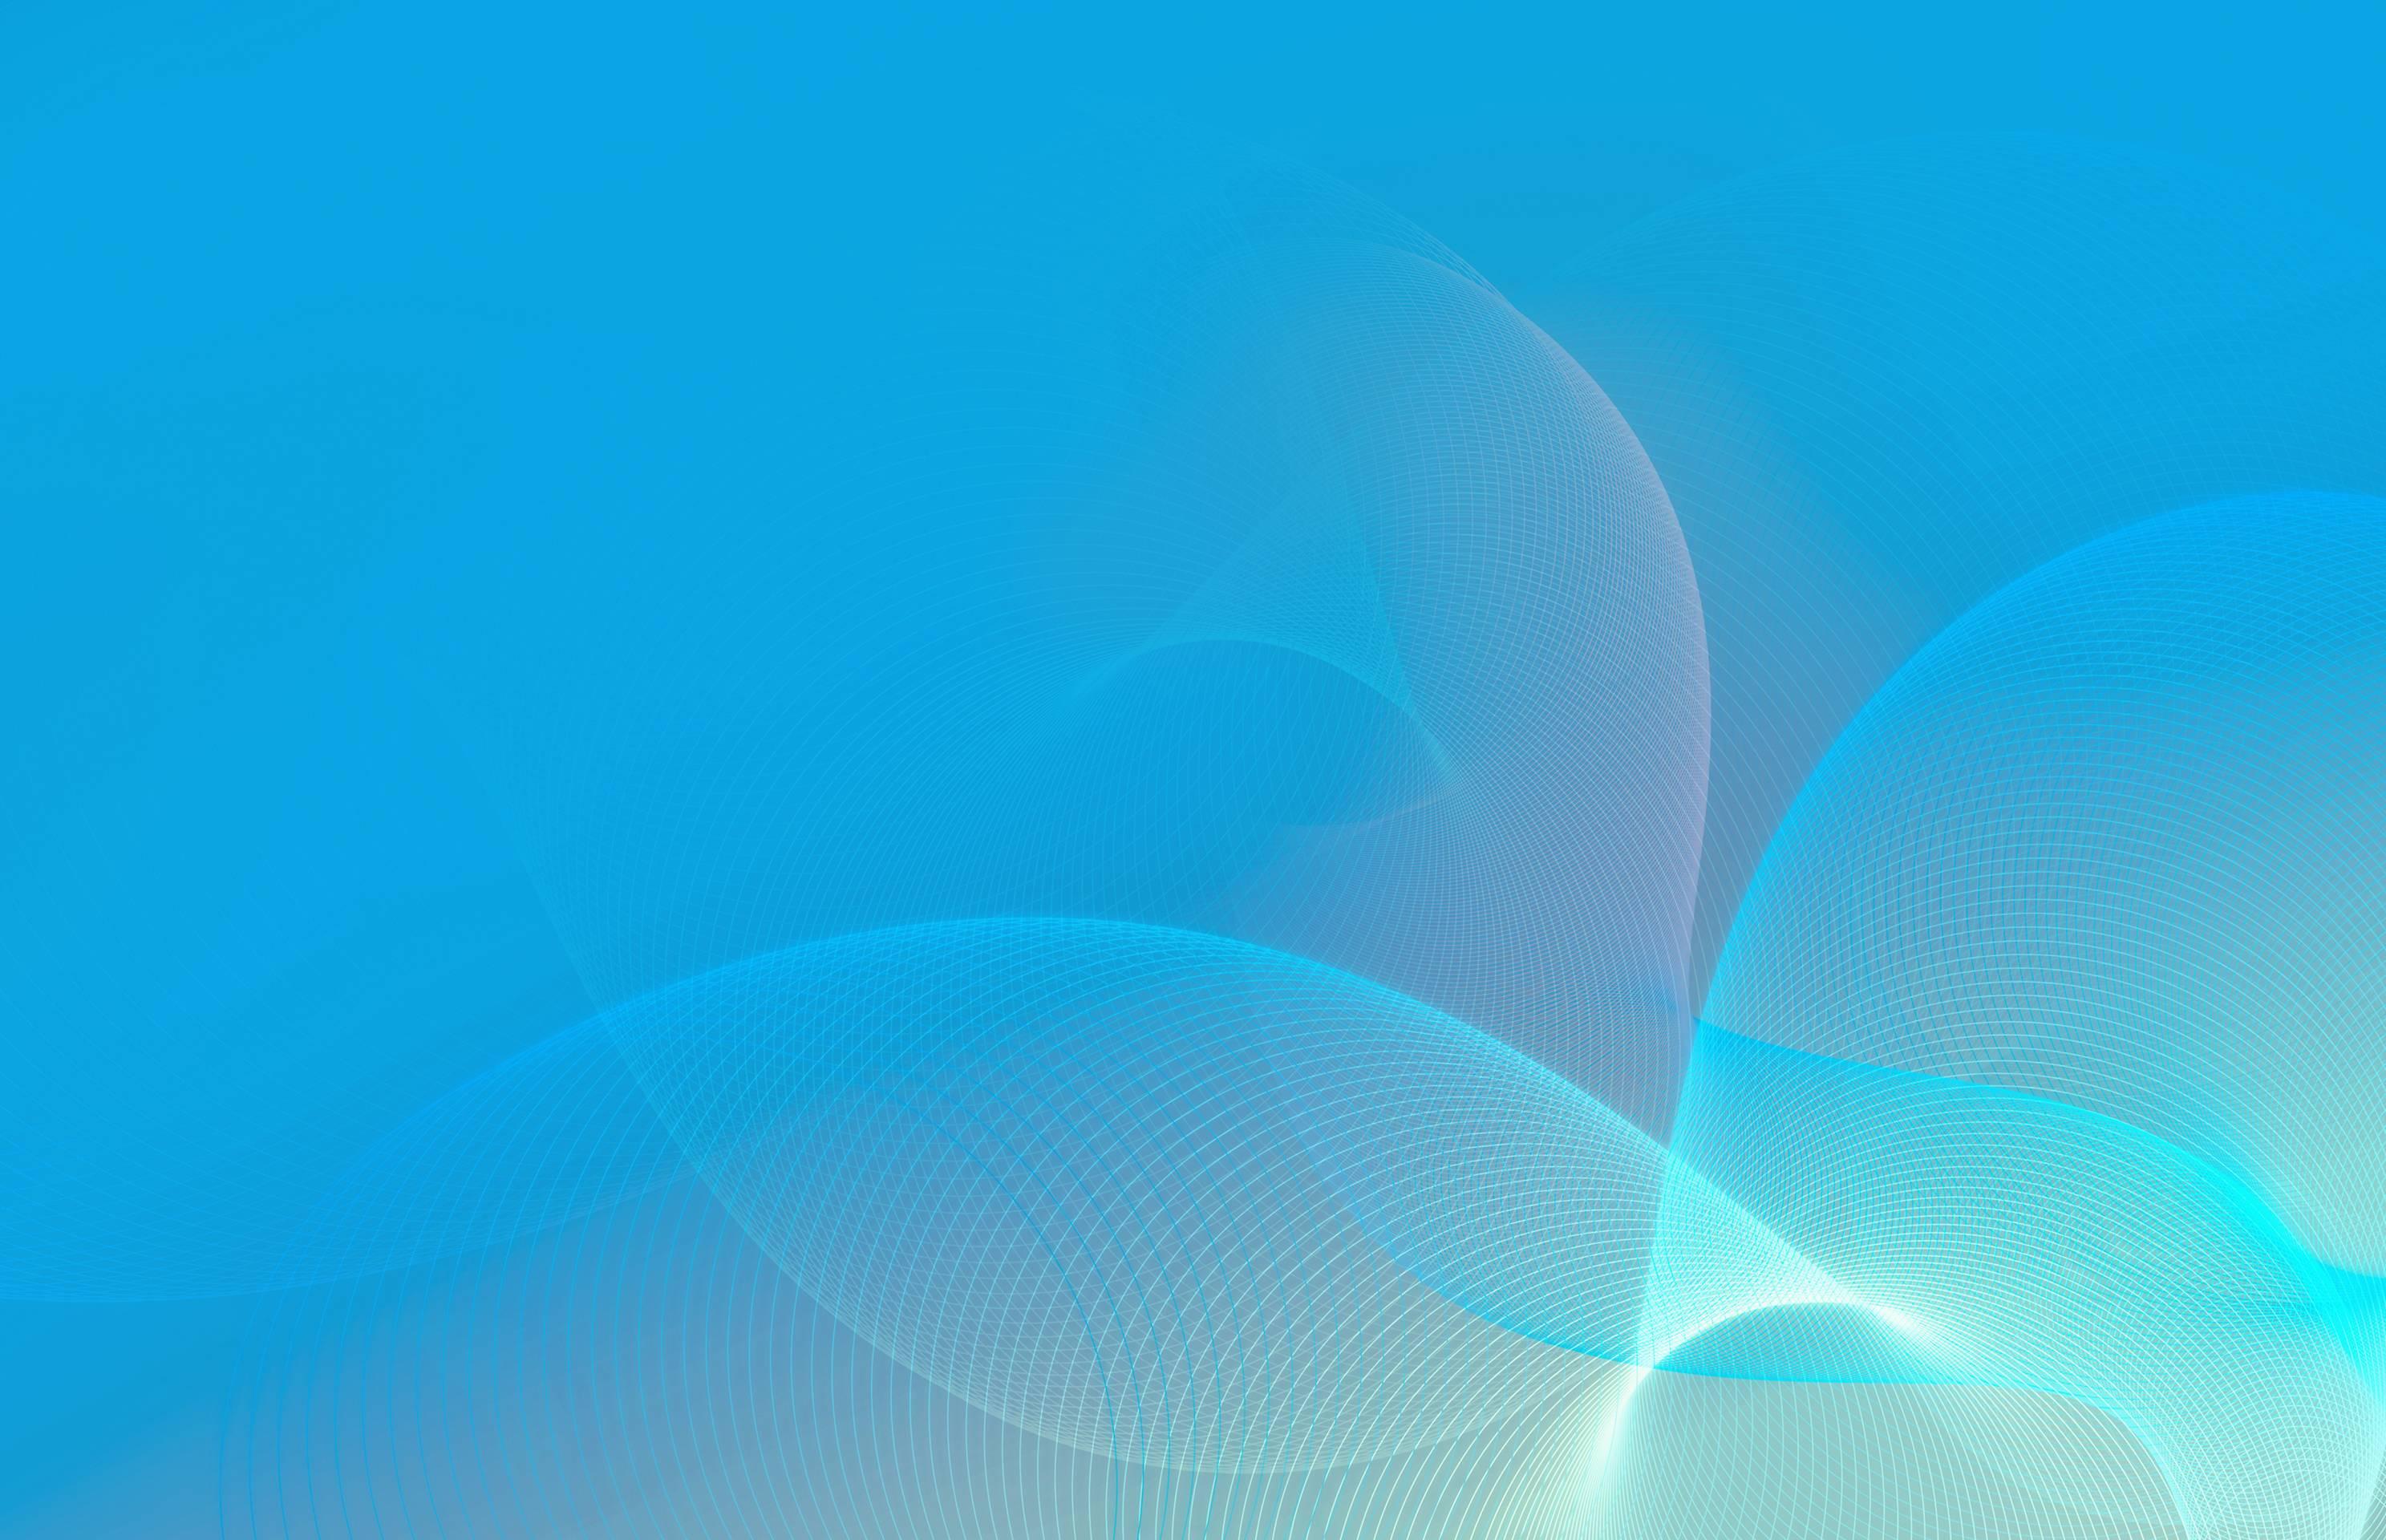 Hình ảnh nền Nexus đơn giản